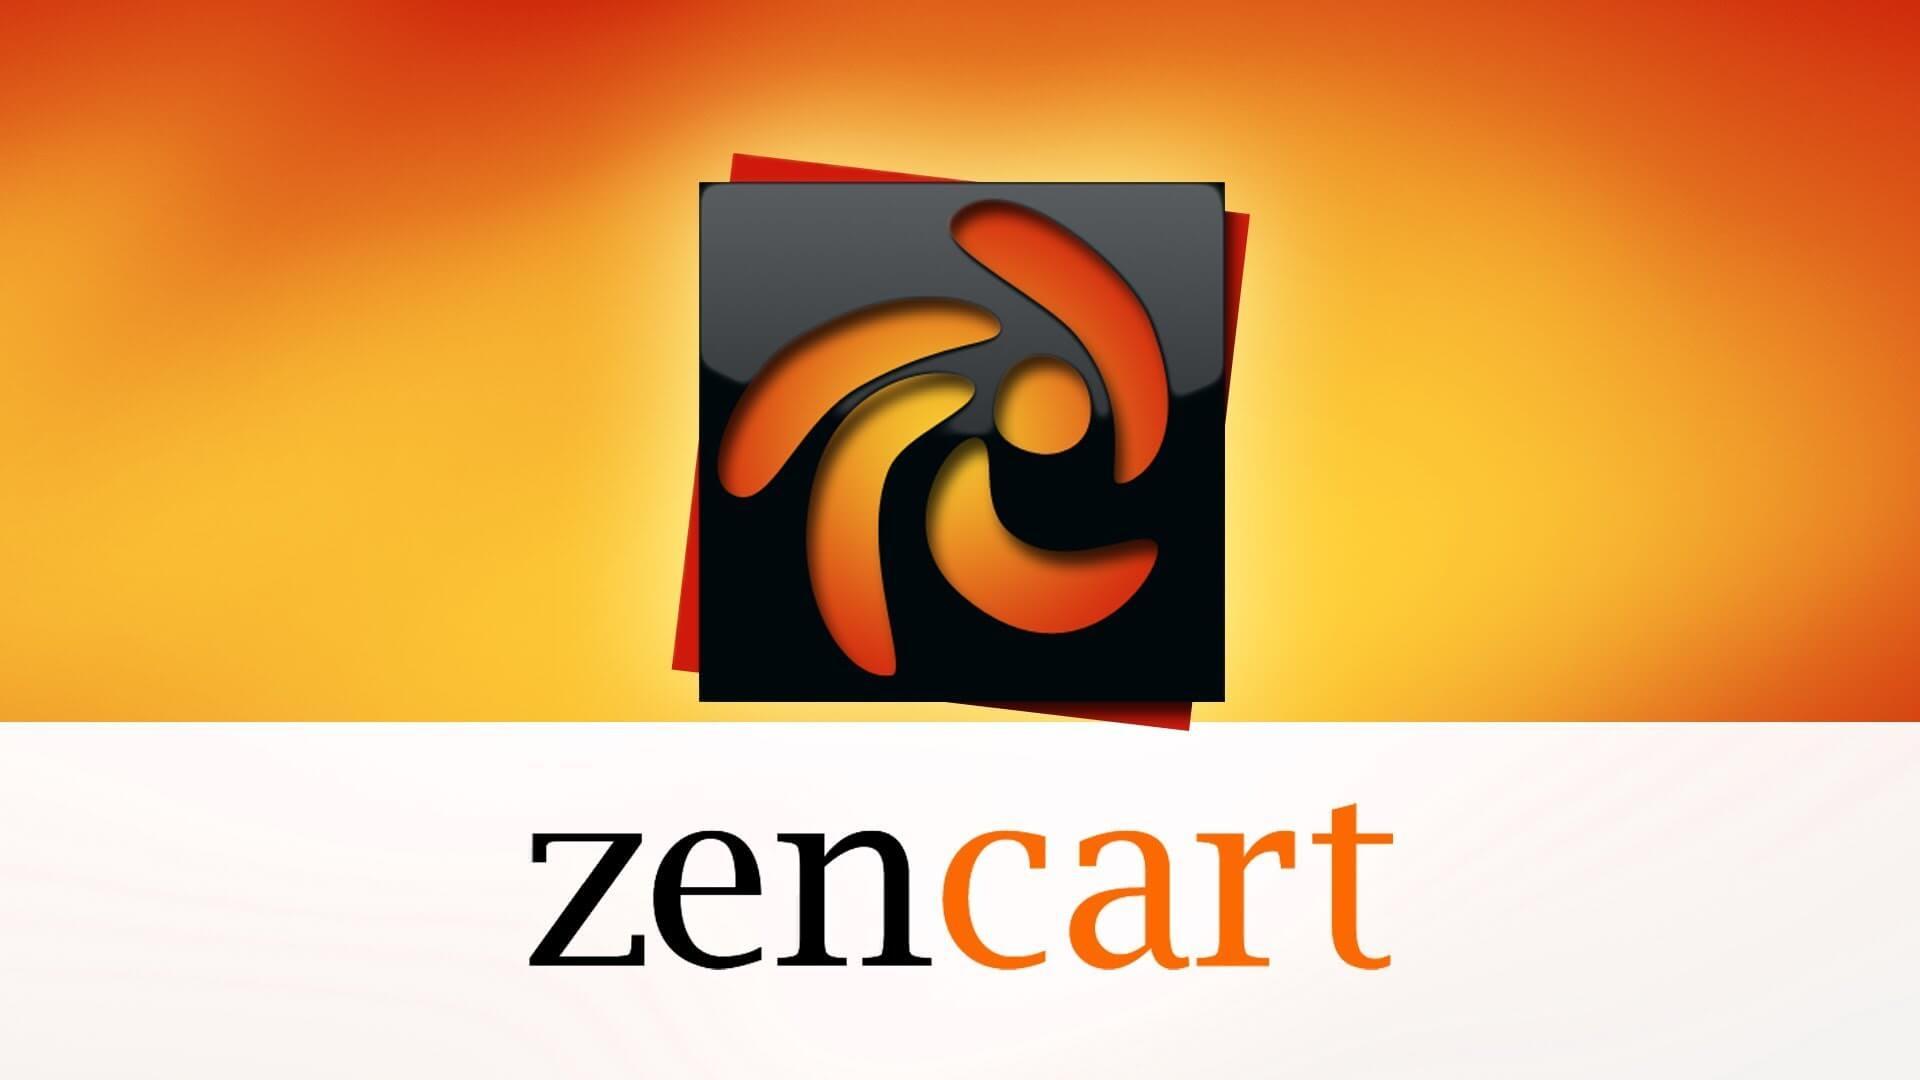 Zen cart best Ecommerce platform